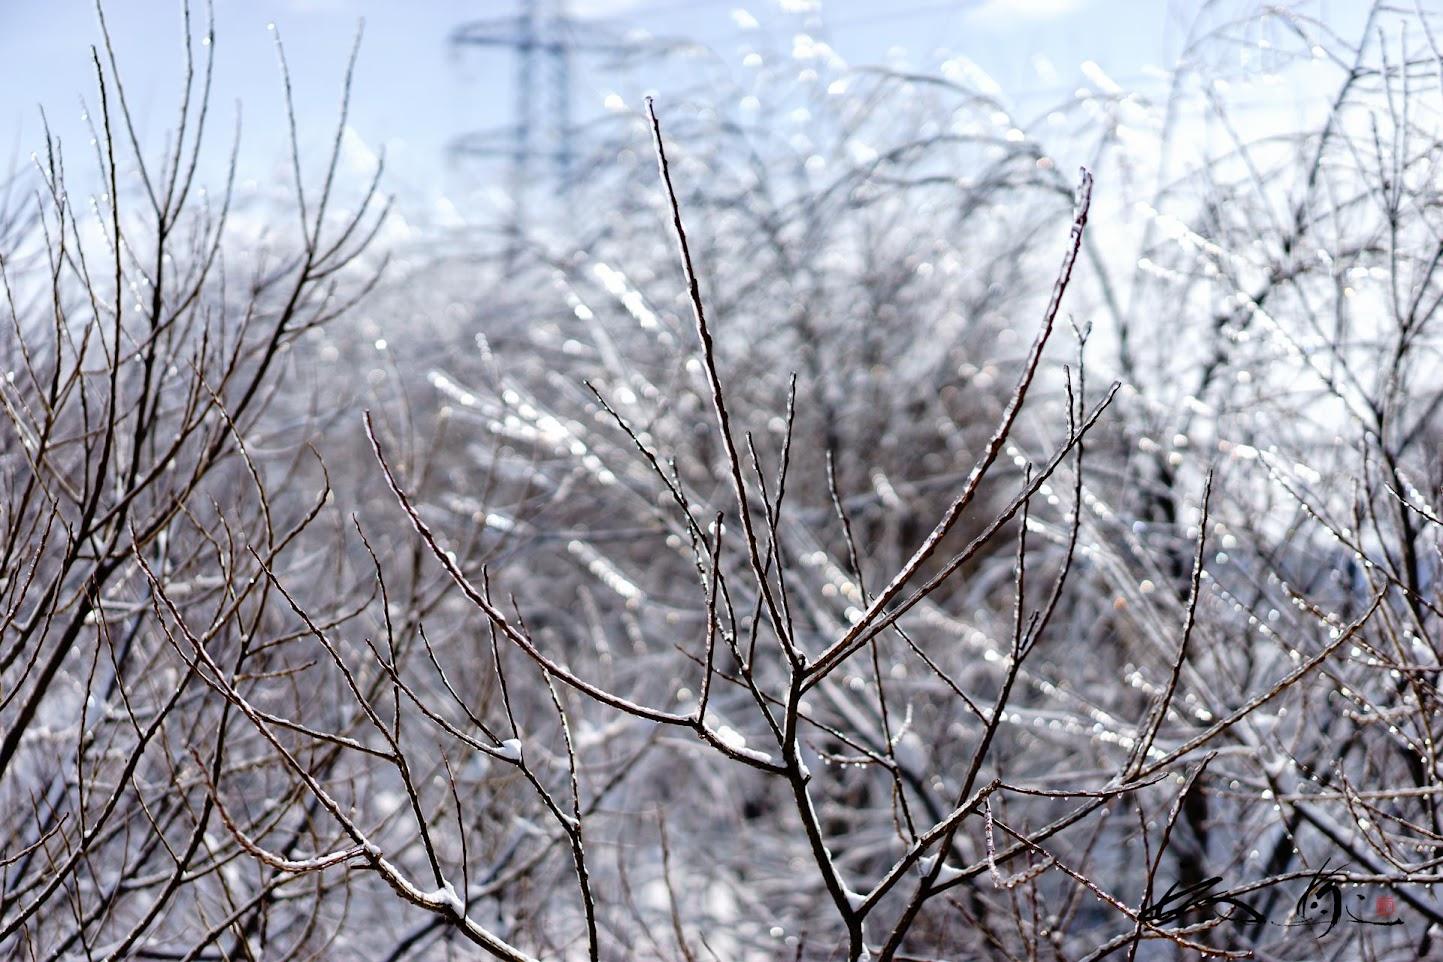 枝に凍結付着した粗氷